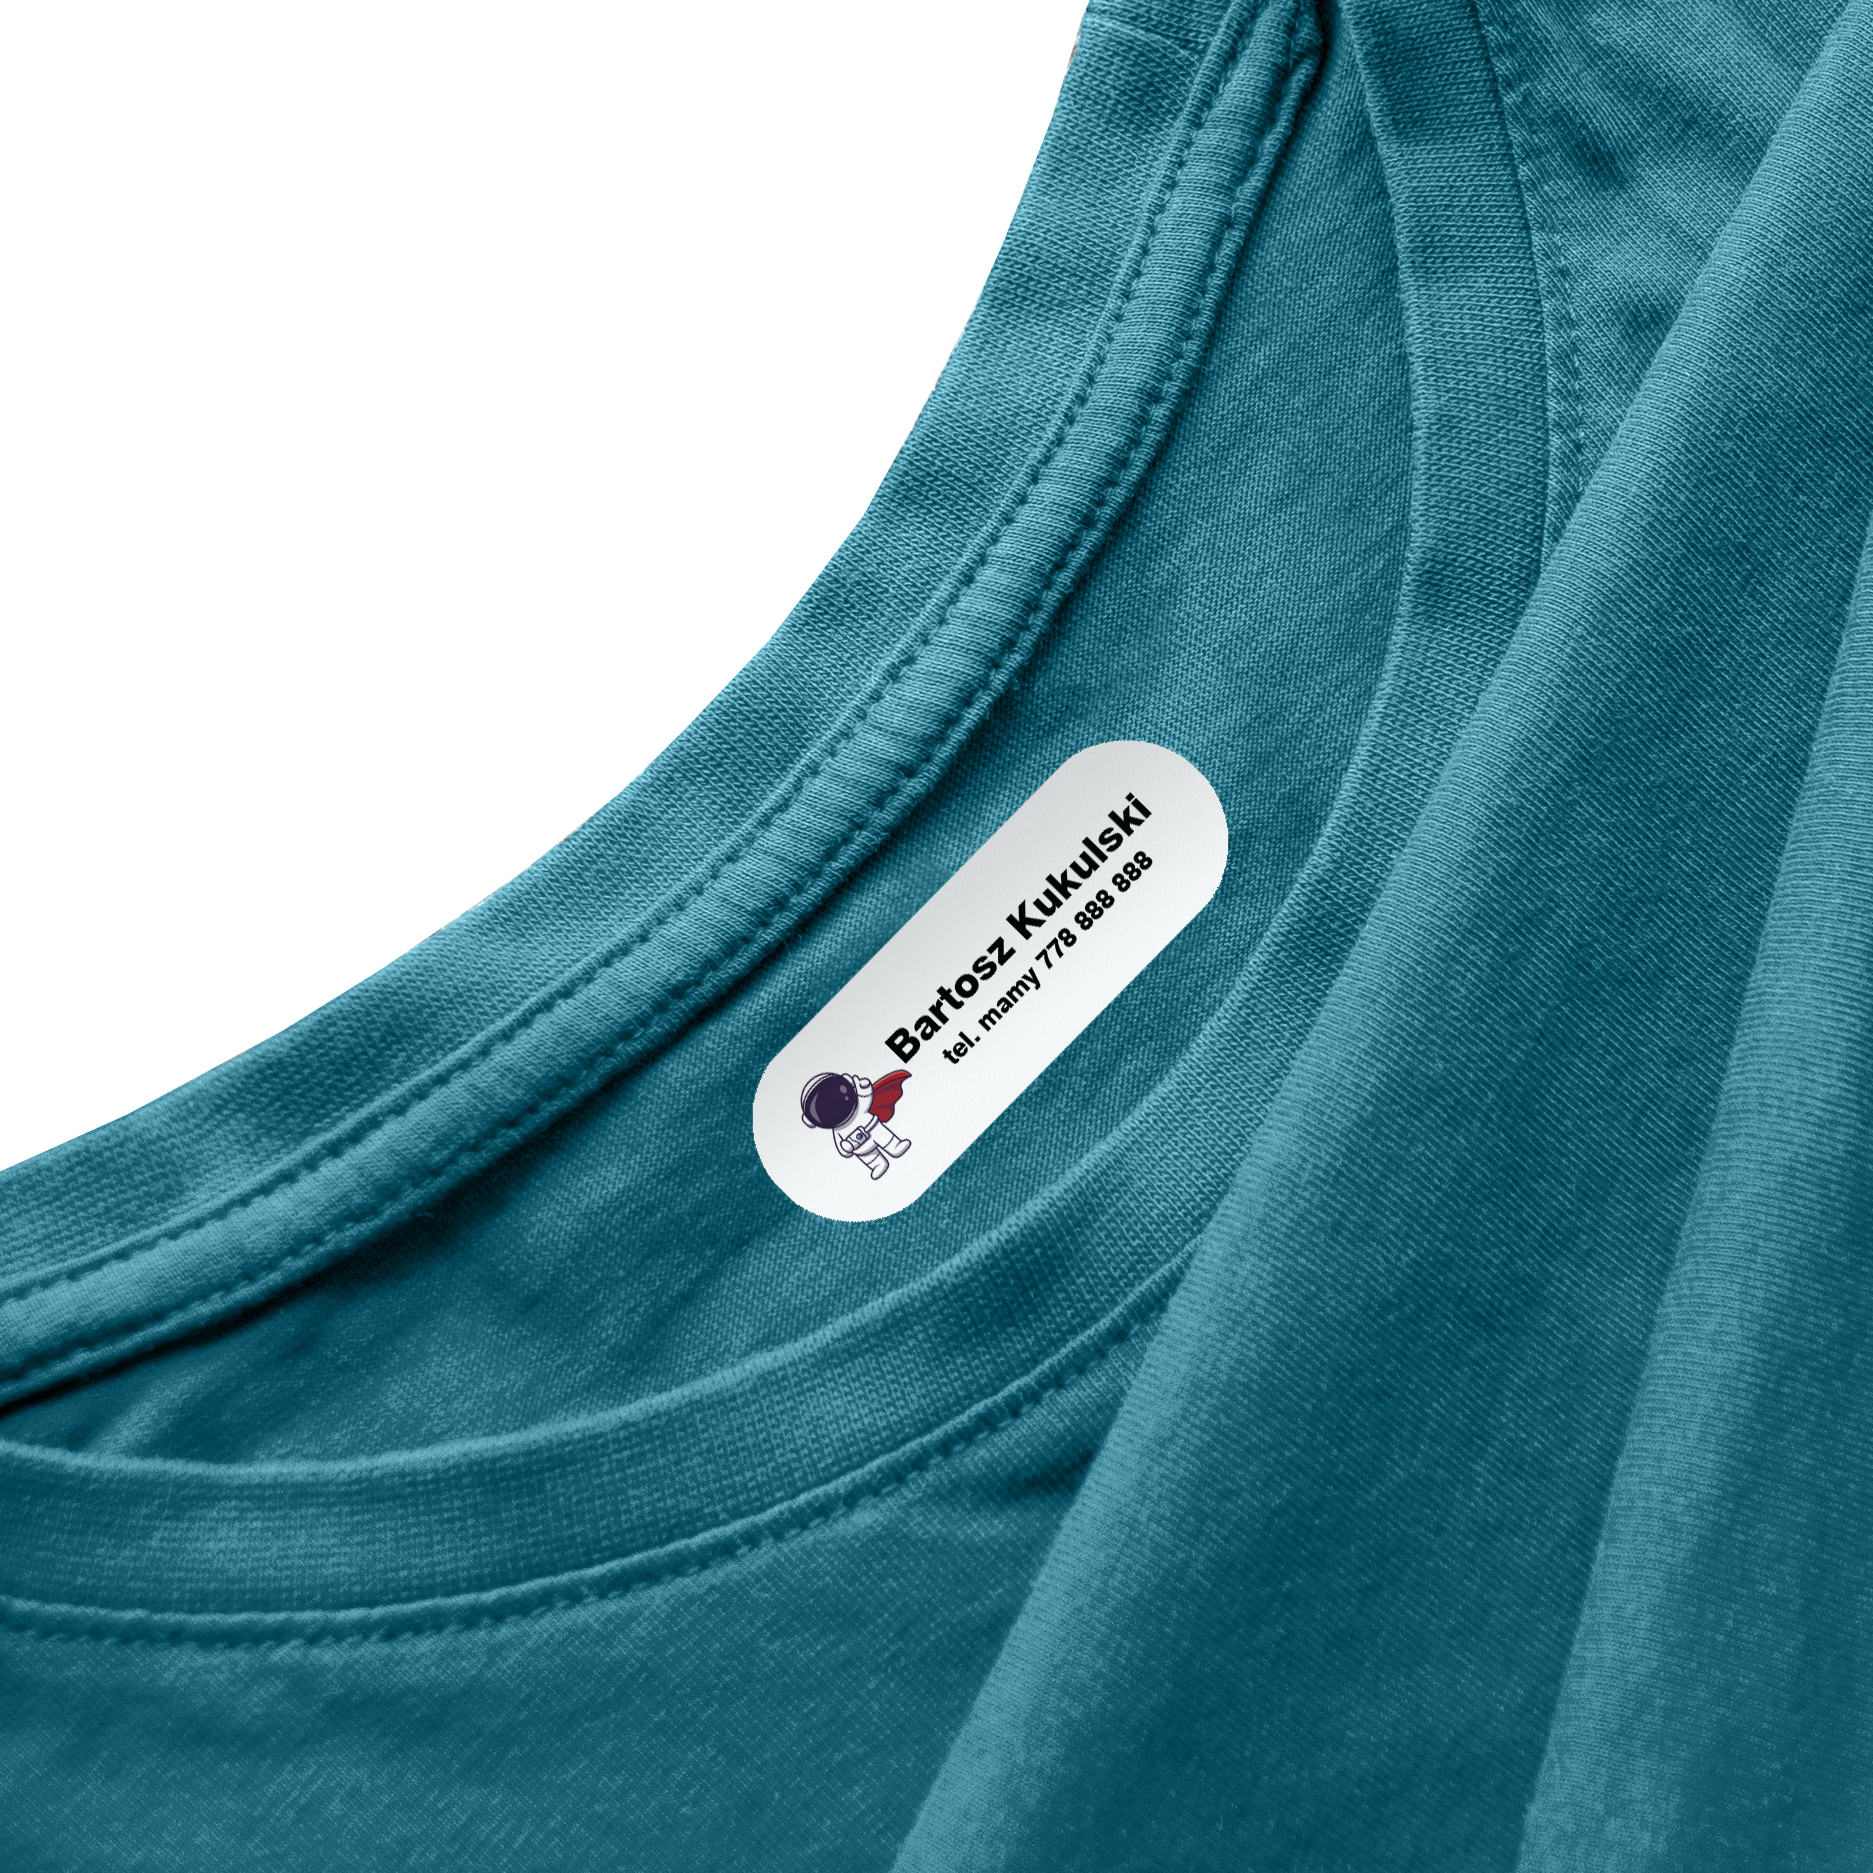 Naprasowanki na ubrania naprasowanka imienna metki dla dziecka kosmonauta